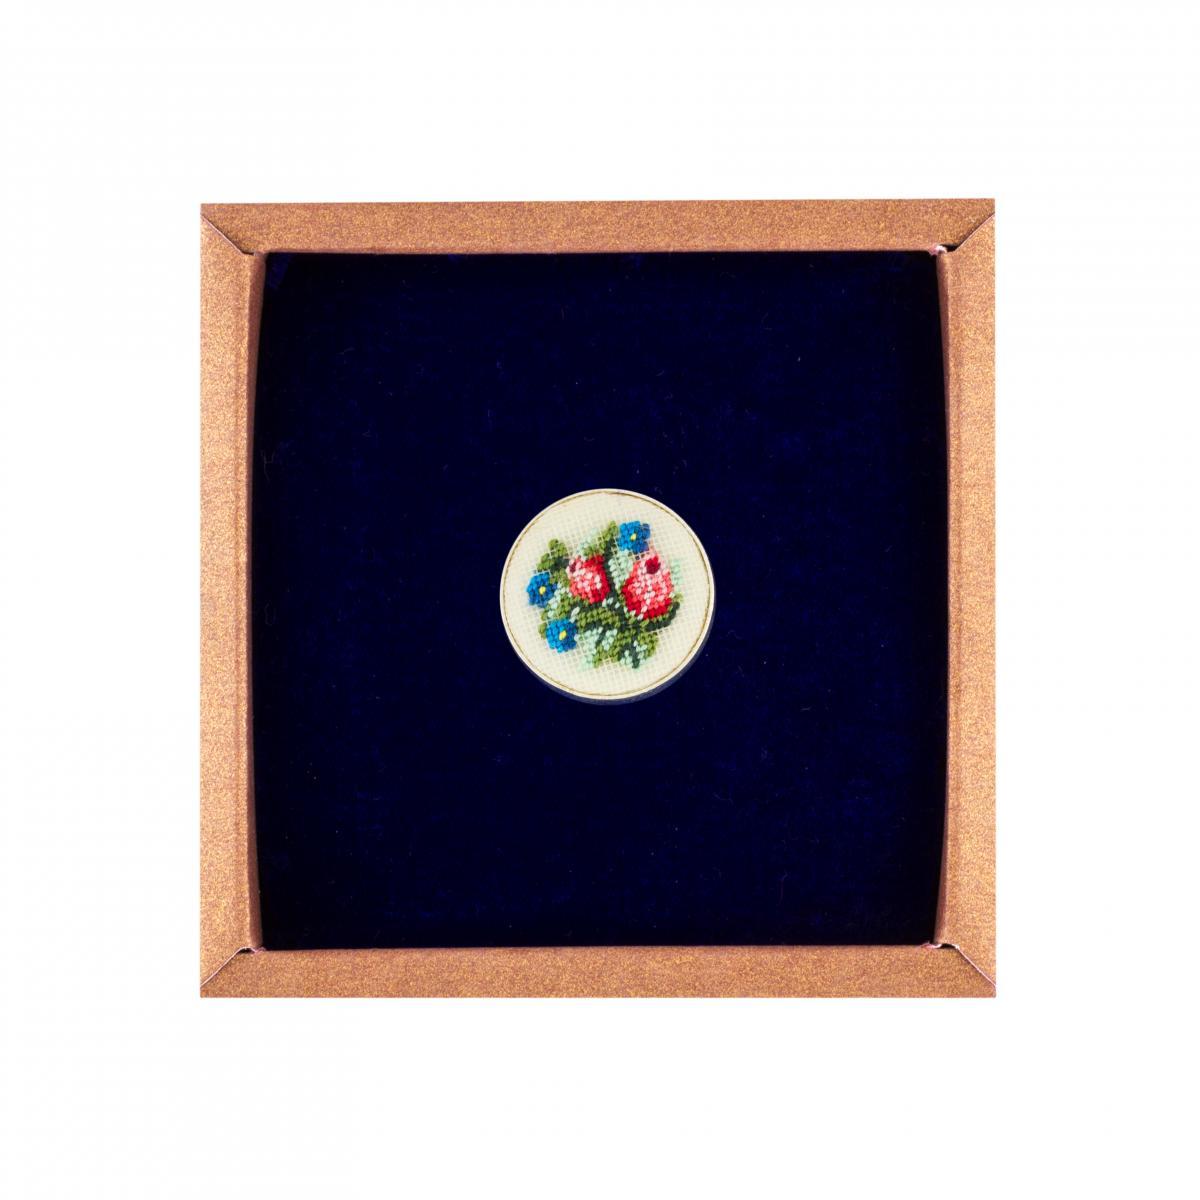 Кольцо с вышитыми цветами в технике микровишивки. Фото №1. | Народный дом Украина